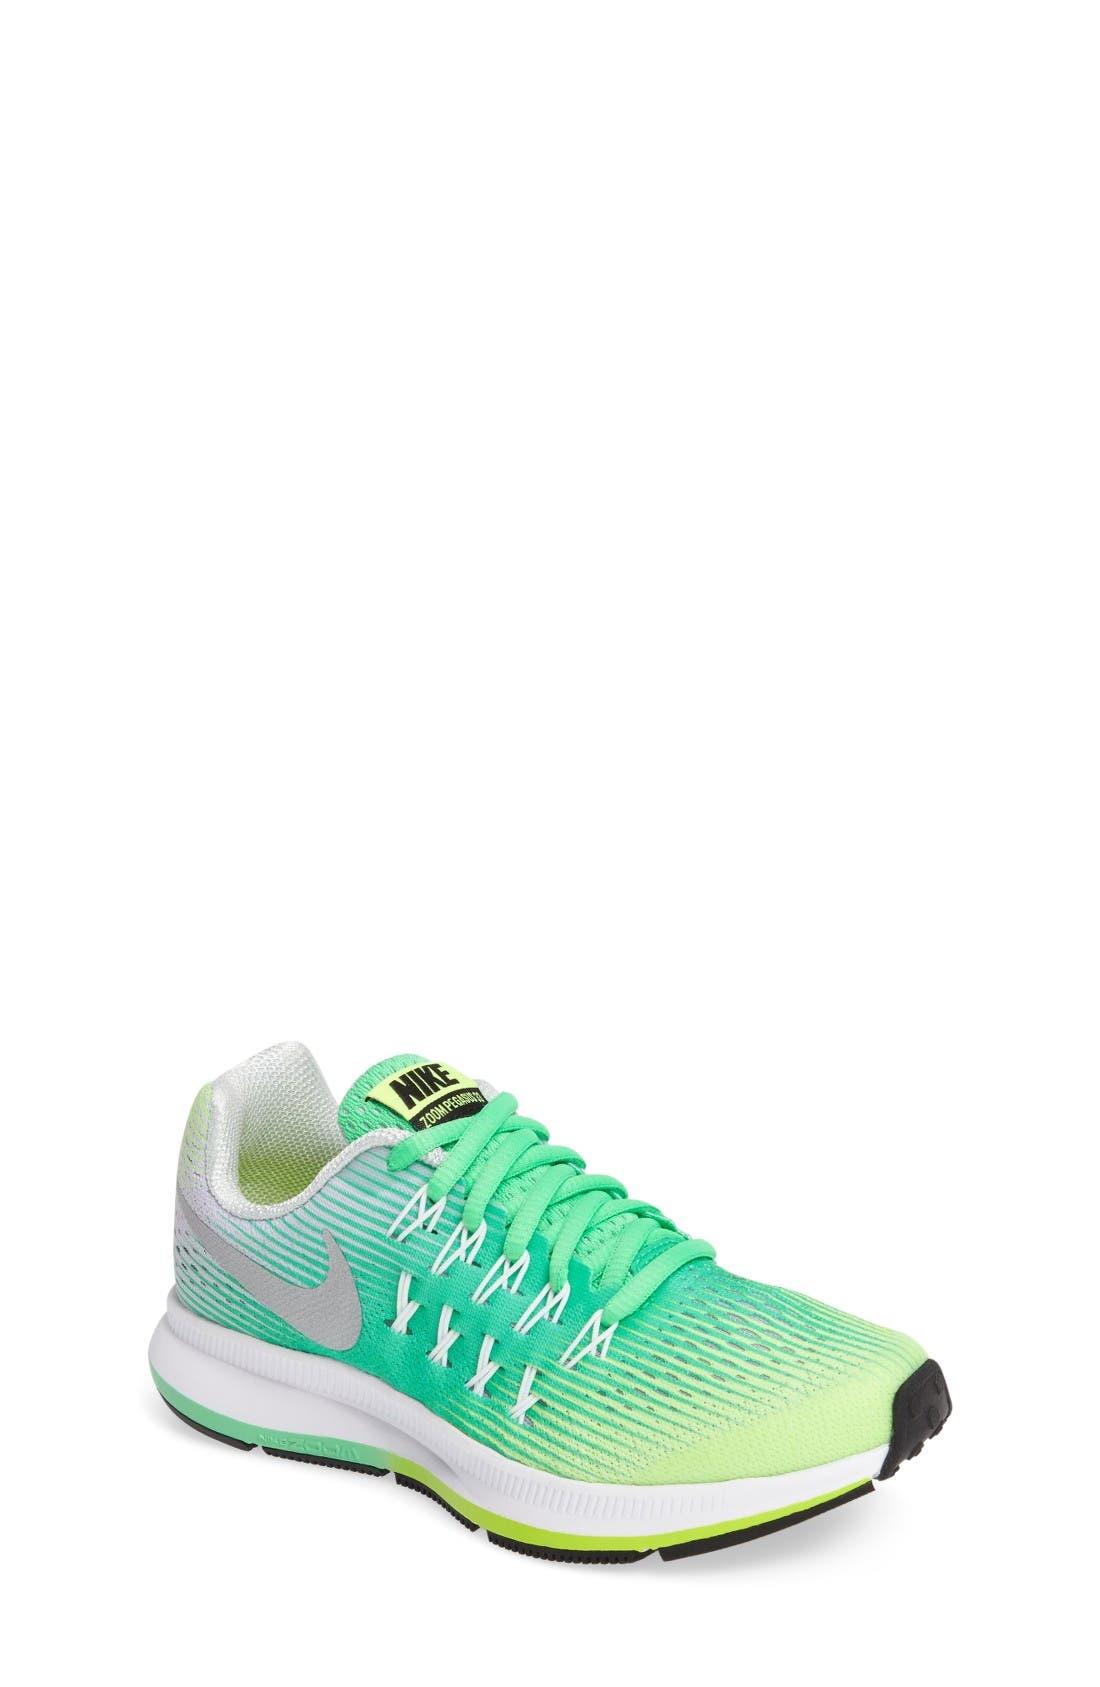 Alternate Image 1 Selected - Nike 'Zoom Pegasus 33' Sneaker (Little Kid & Big Kid)